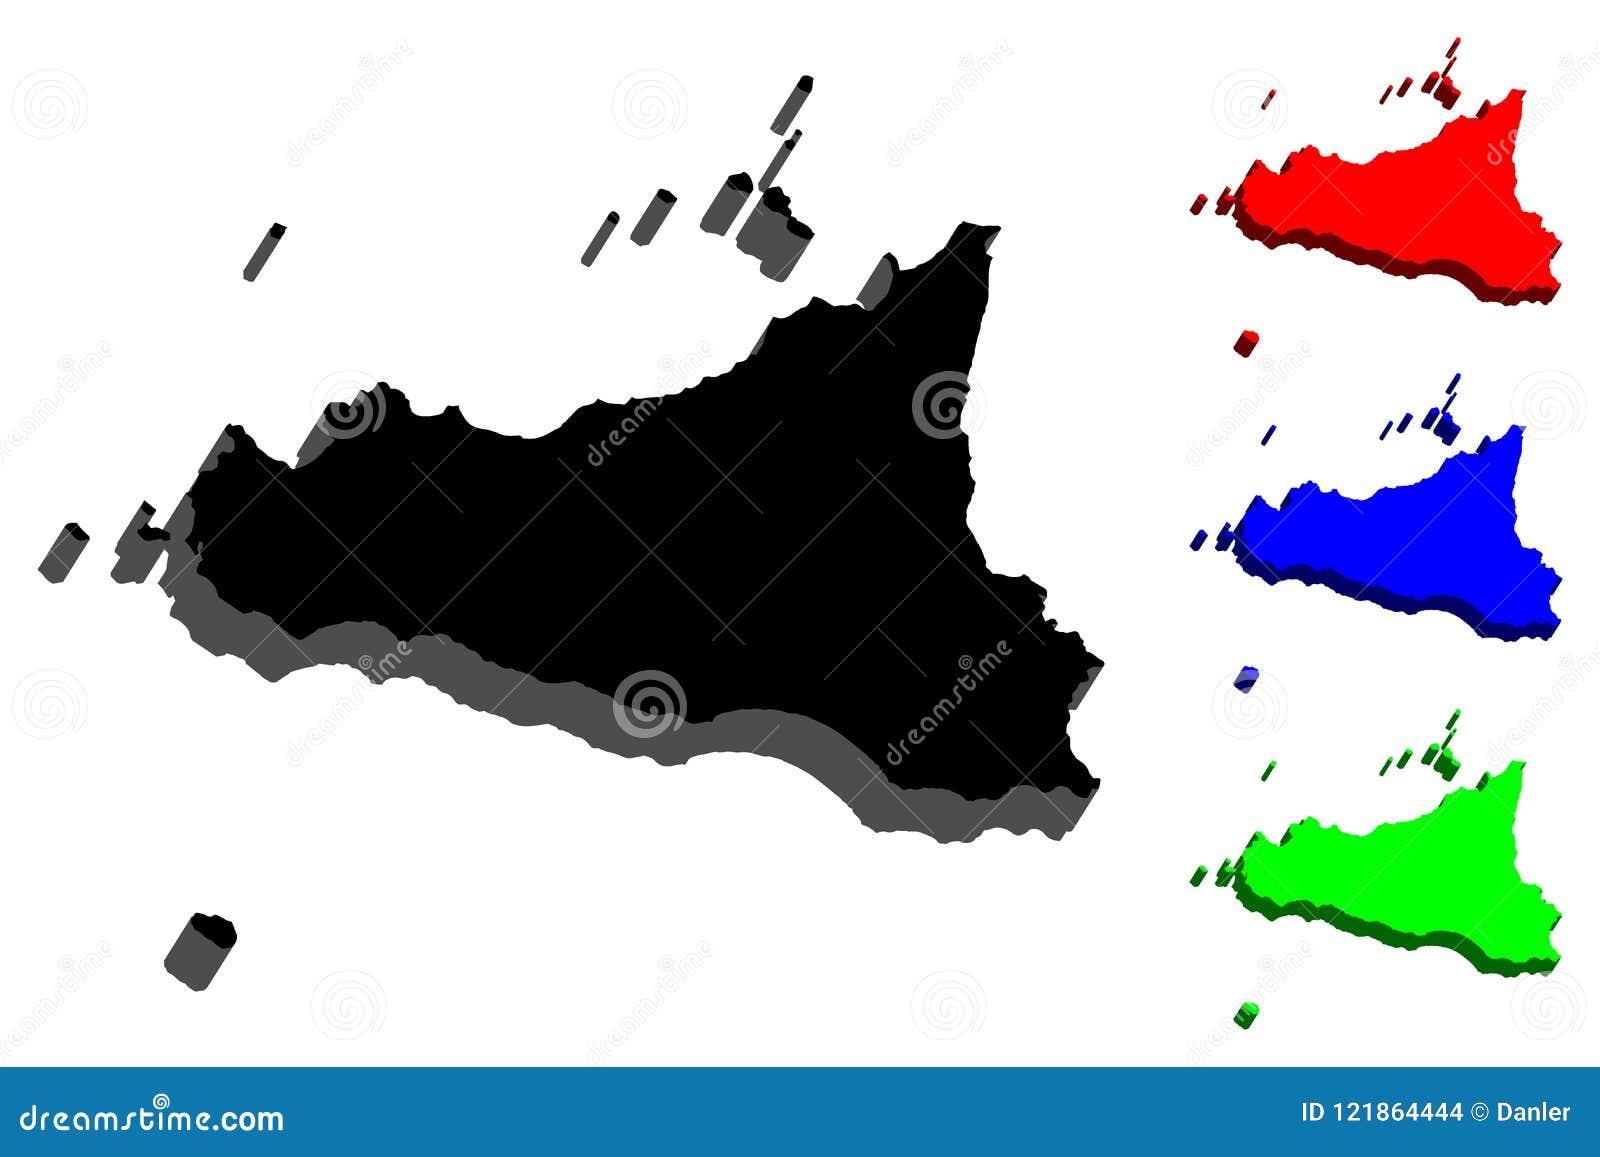 Cartina Della Sicilia Con Le Isole.Mappa 3d Della Sicilia Illustrazione Vettoriale Illustrazione Di Disegno 121864444